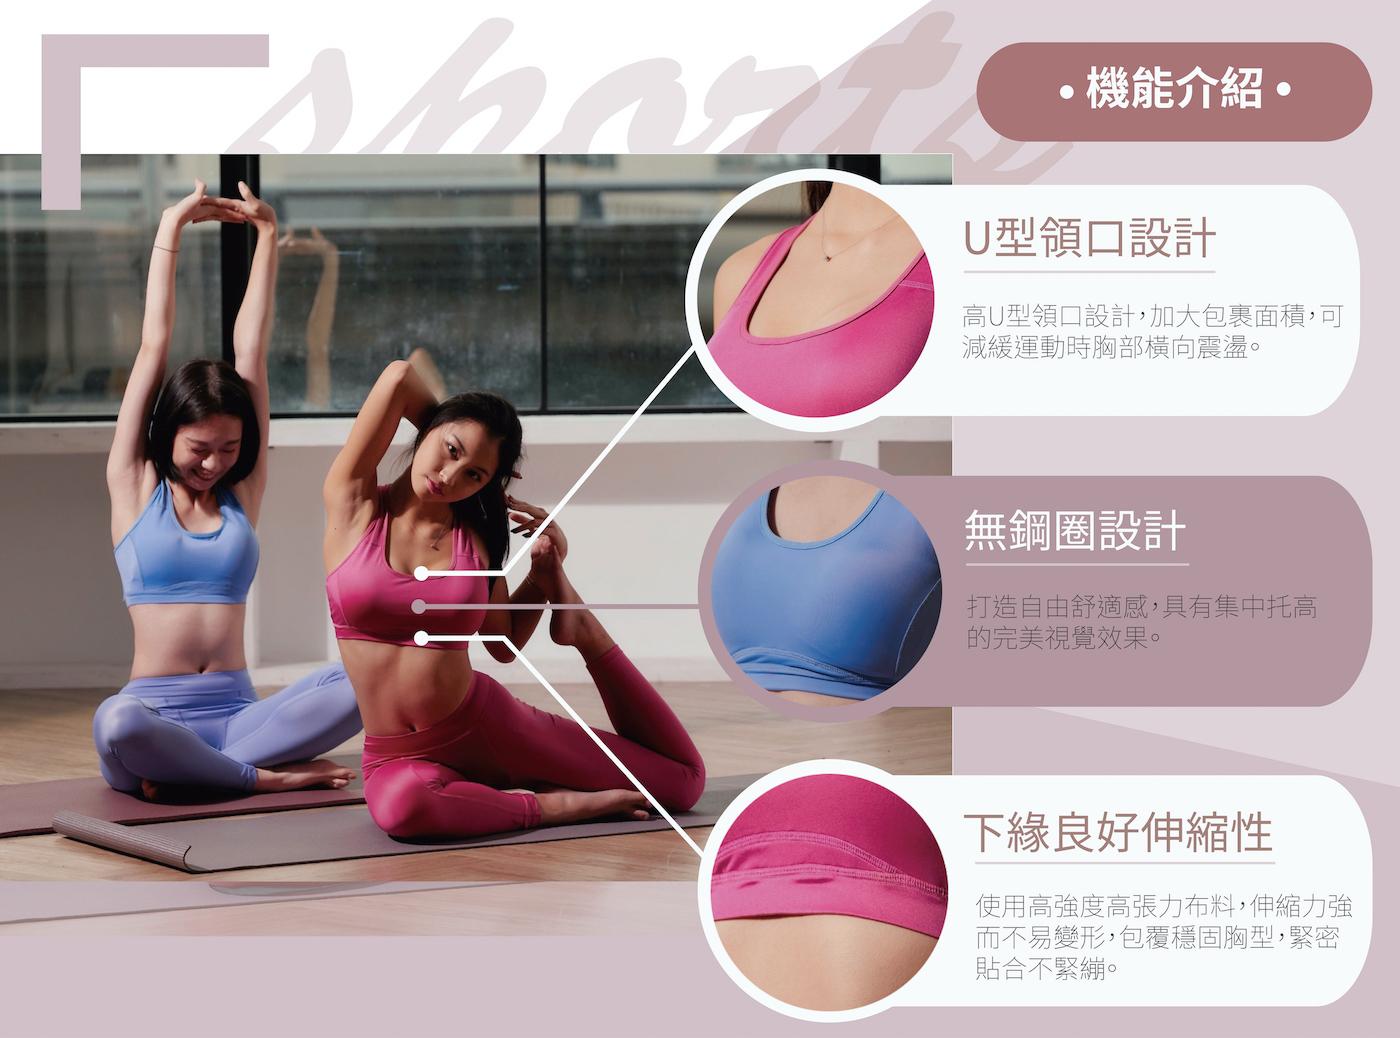 台灣布料使用,耐洗不易皺、排汗性佳